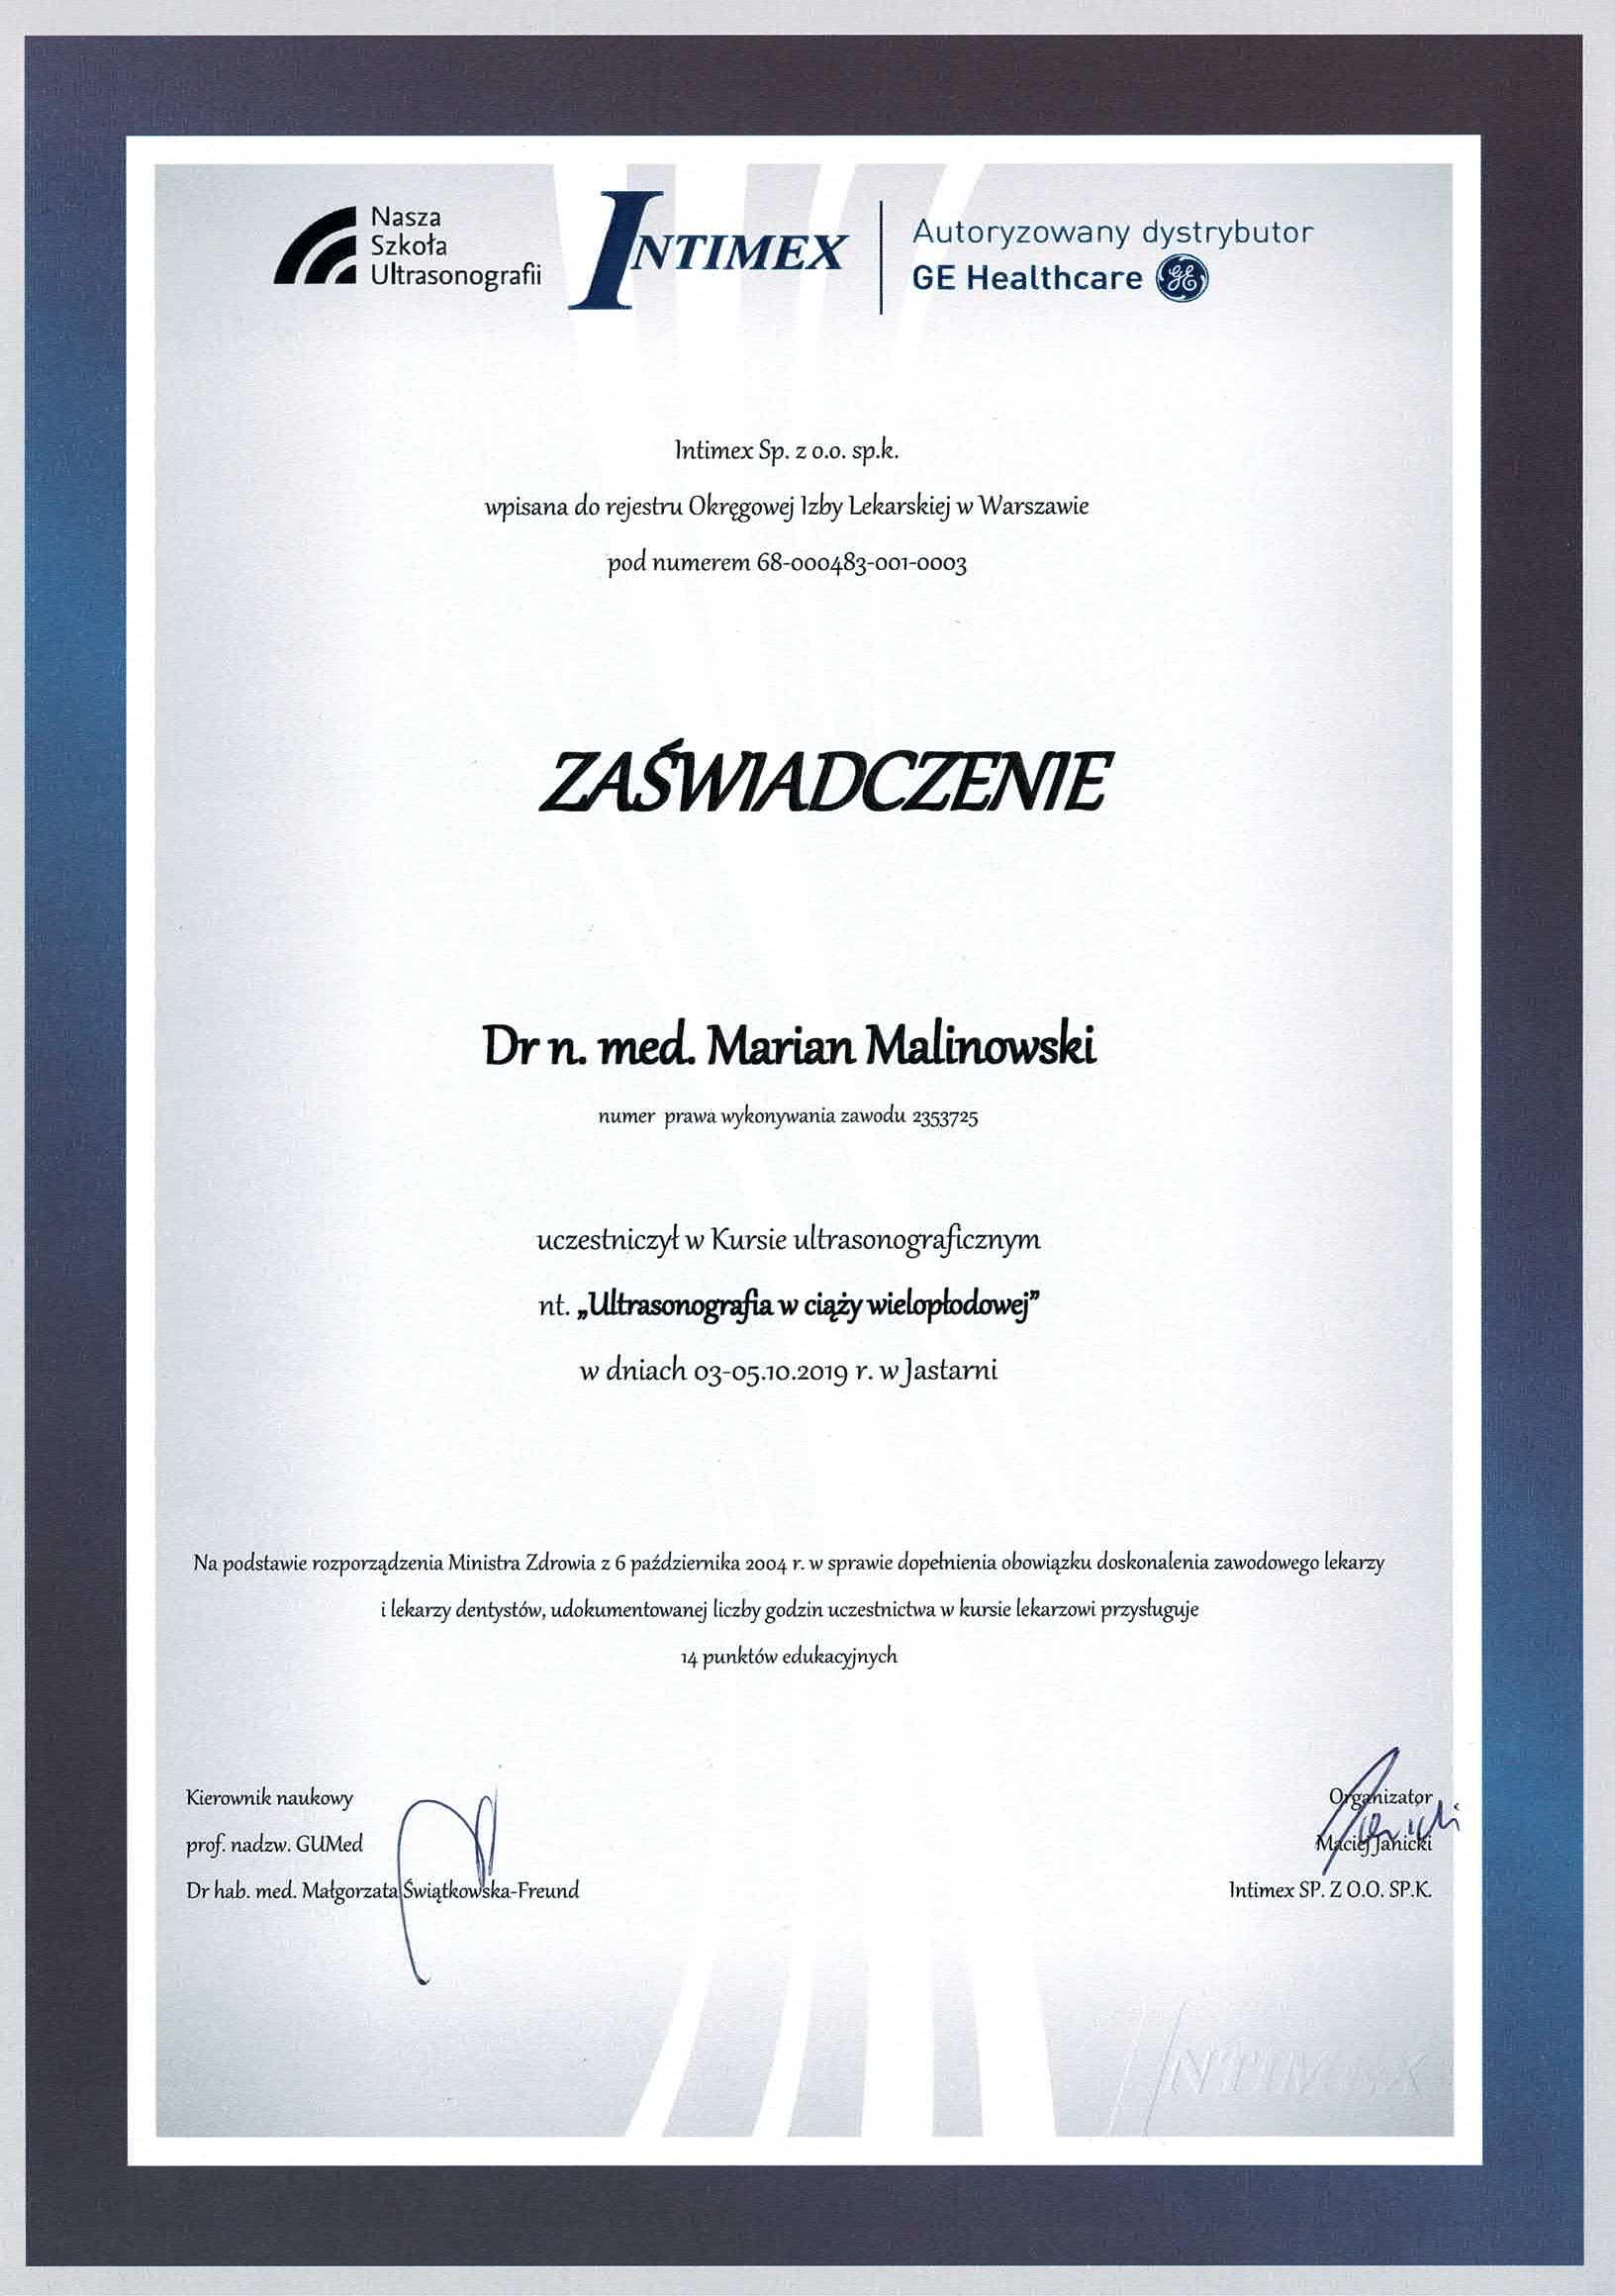 Mój certyfikat uczestnictwa w kursie